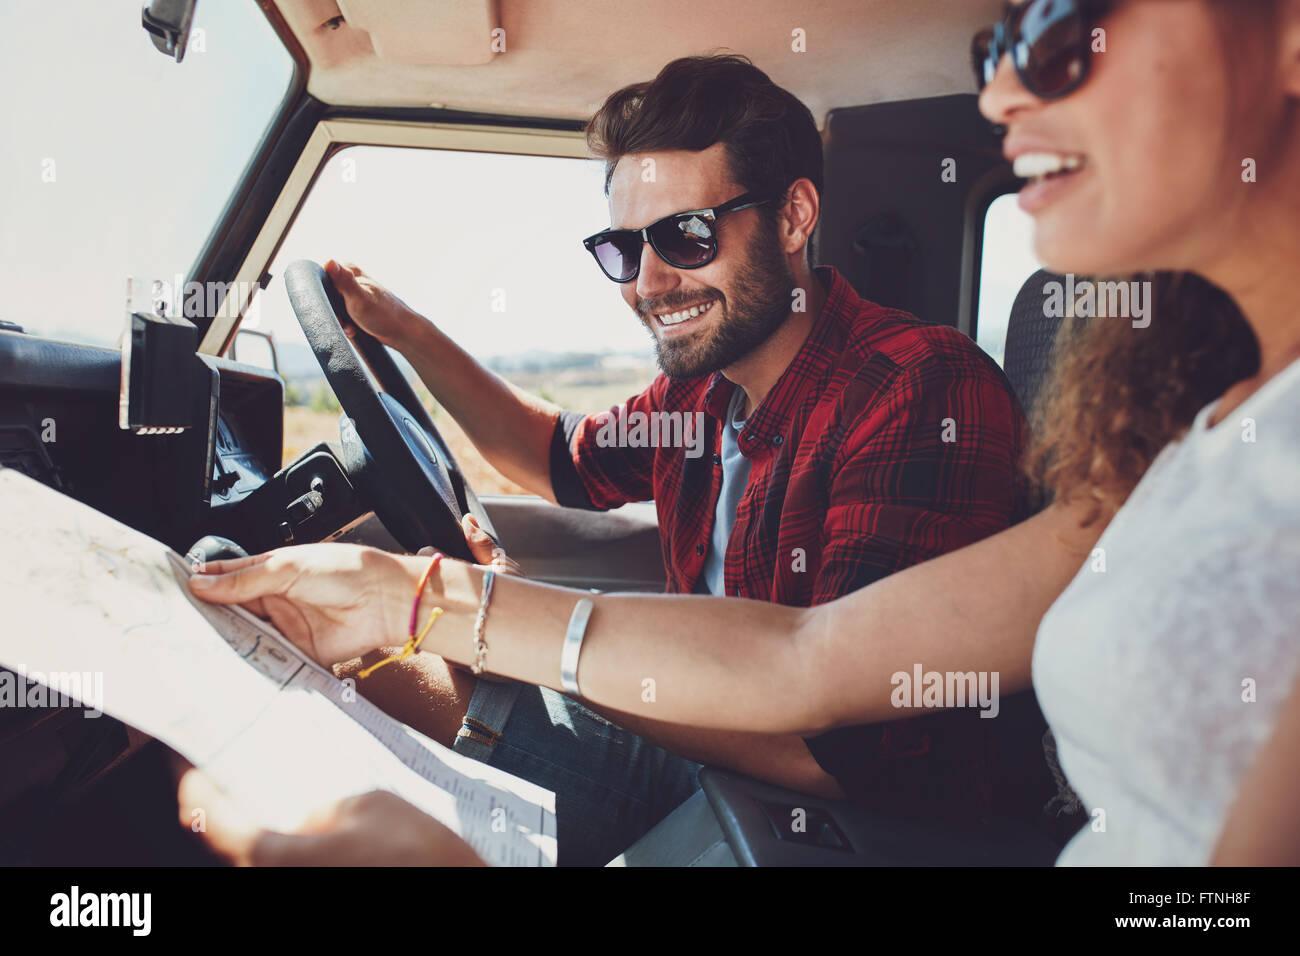 Lächelnd jungen Mann das Auto mit Frau hält einen Fahrplan zu fahren. Junges Paar auf Roadtrip. Stockbild